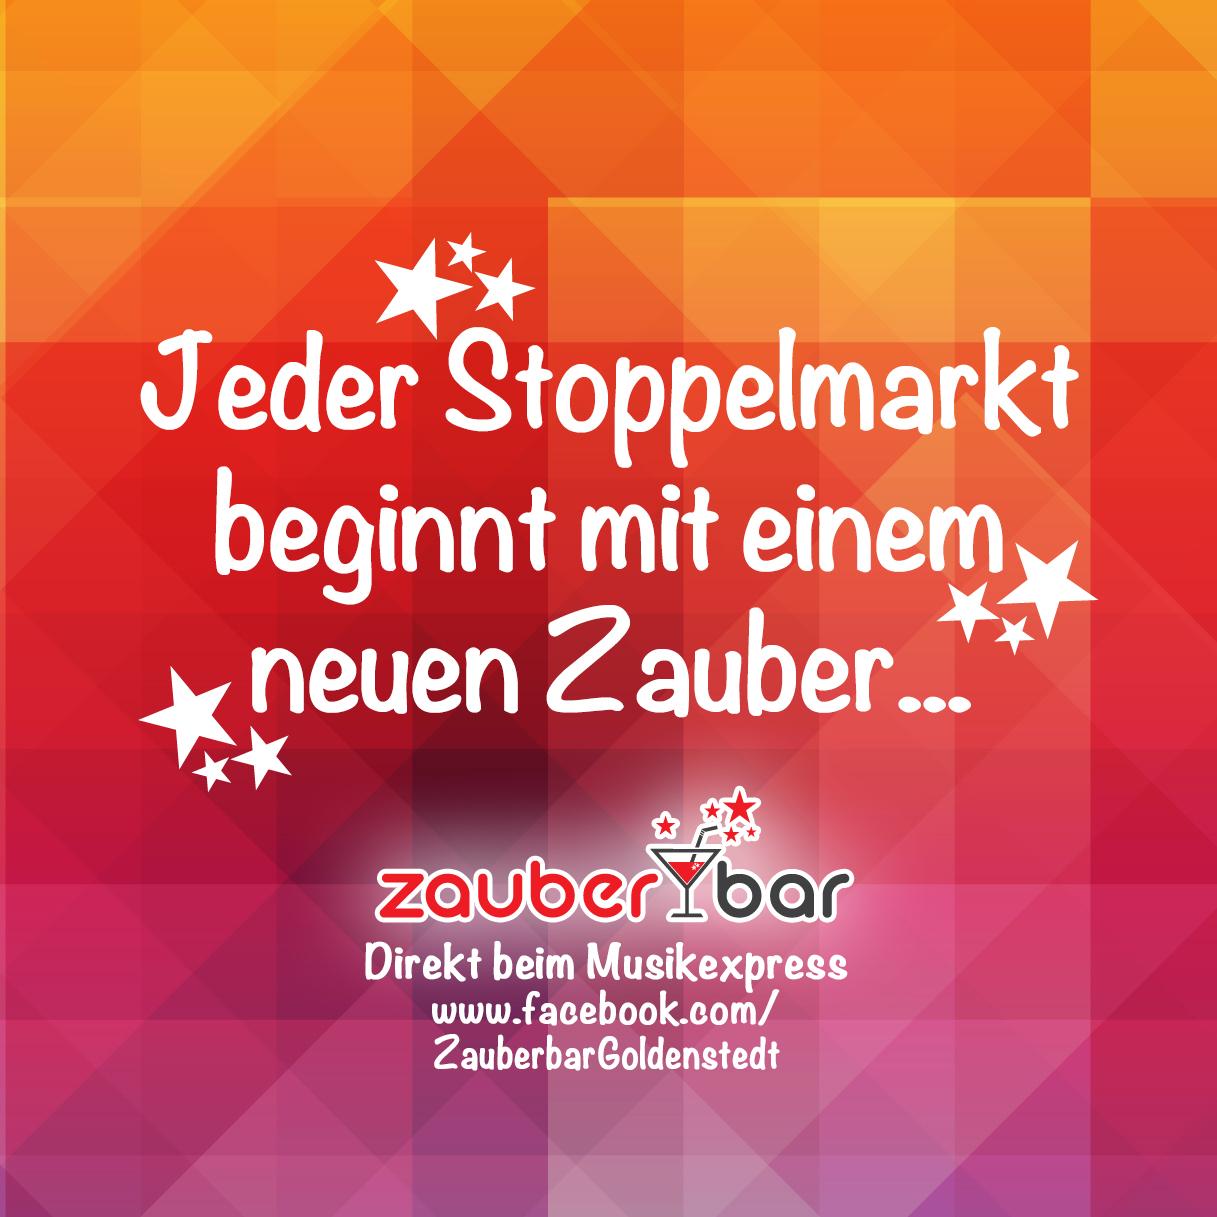 Sticker_v4_CMYK neuer Zauber.jpg